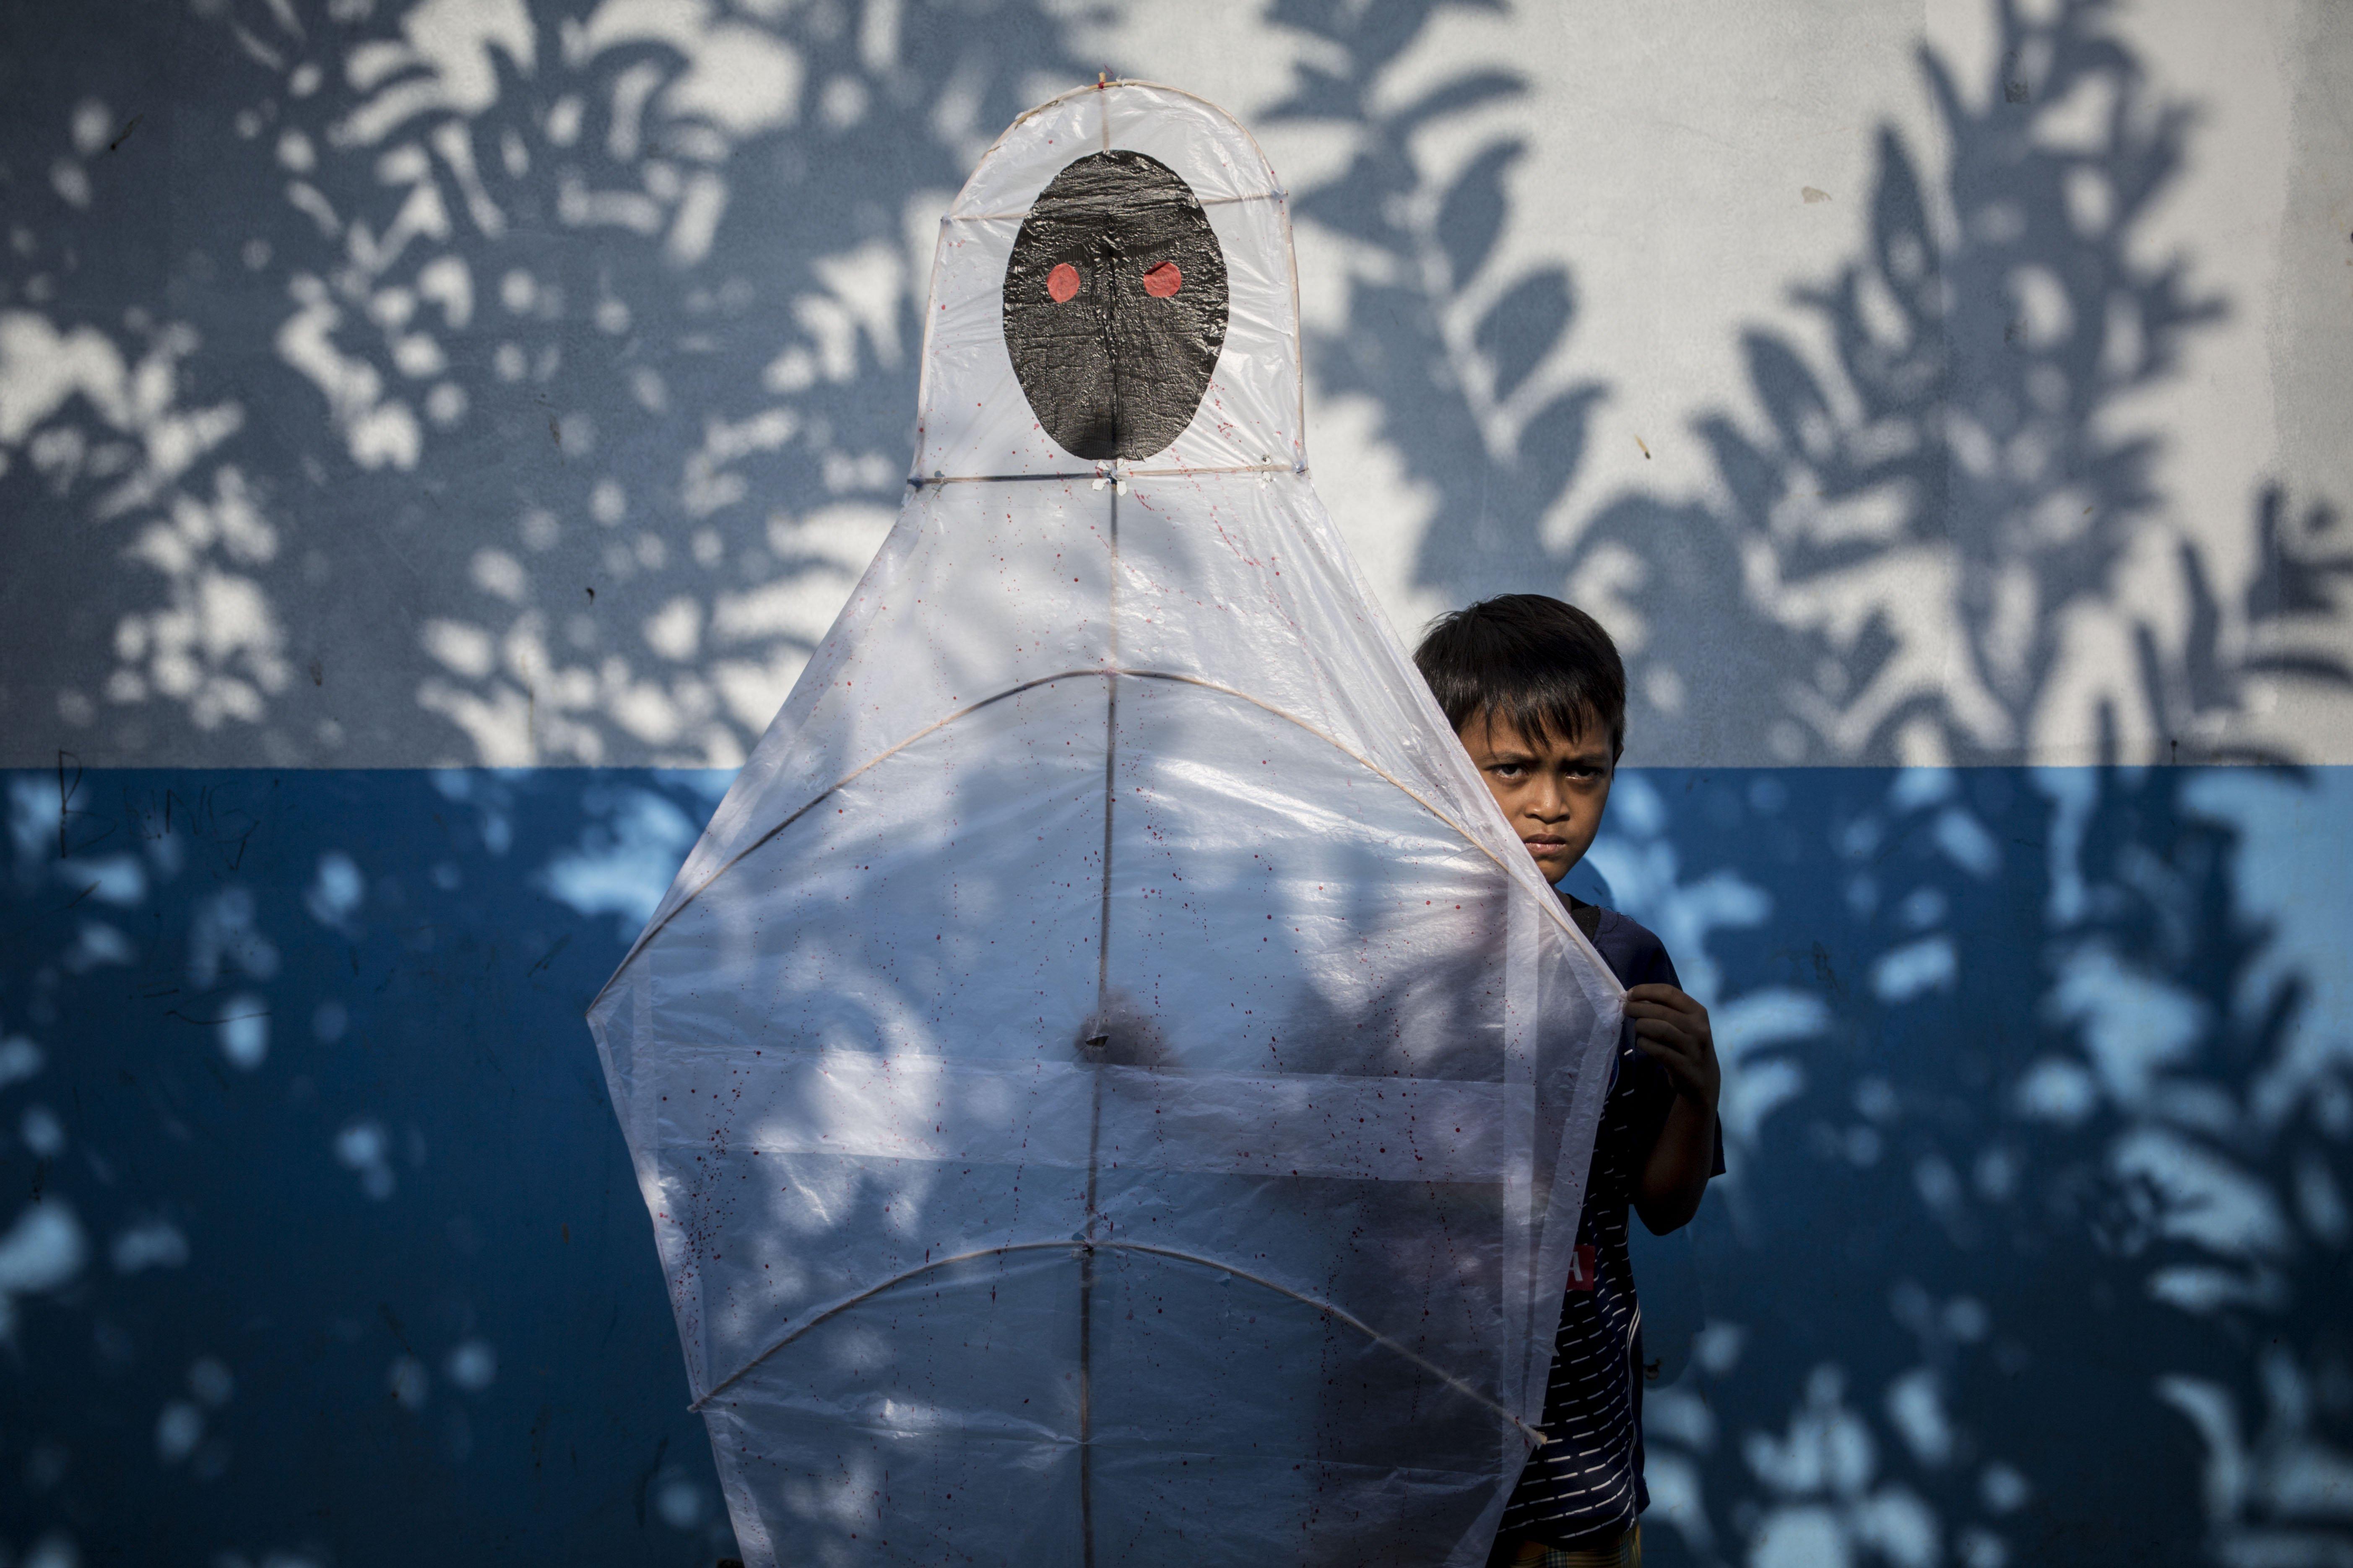 Bilah (9) memperlihatkan layang-layang di Kawasan Gandaria, Depok, Jawa Barat, (1/7/2020). Ditengah libur sekolah akibat pendemi, sejumlah anak-anak di kawasan Gandaria mengisi waktu luang dengan membuat layang-layang berbentuk pesawat, kuntilanak dan pocong.